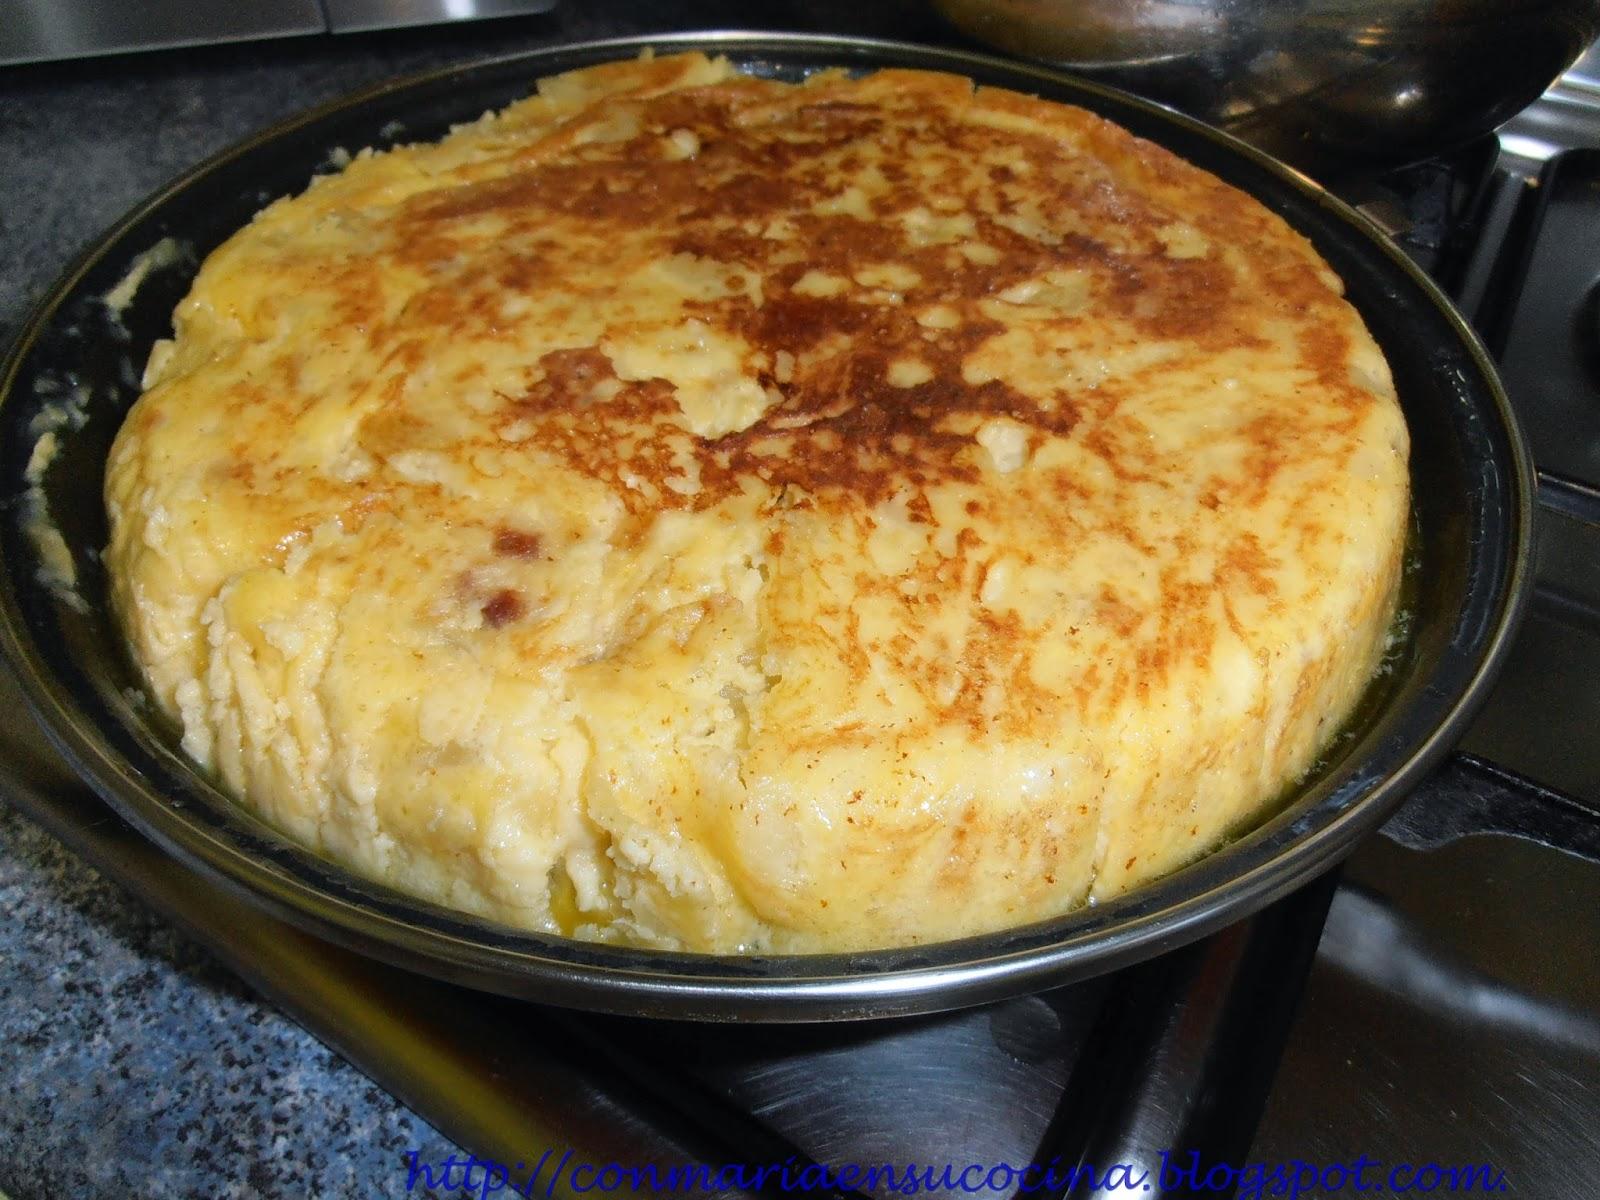 Con mar a en su cocina tortilla espa ola tortilla de patata - Sartenes para tortilla ...